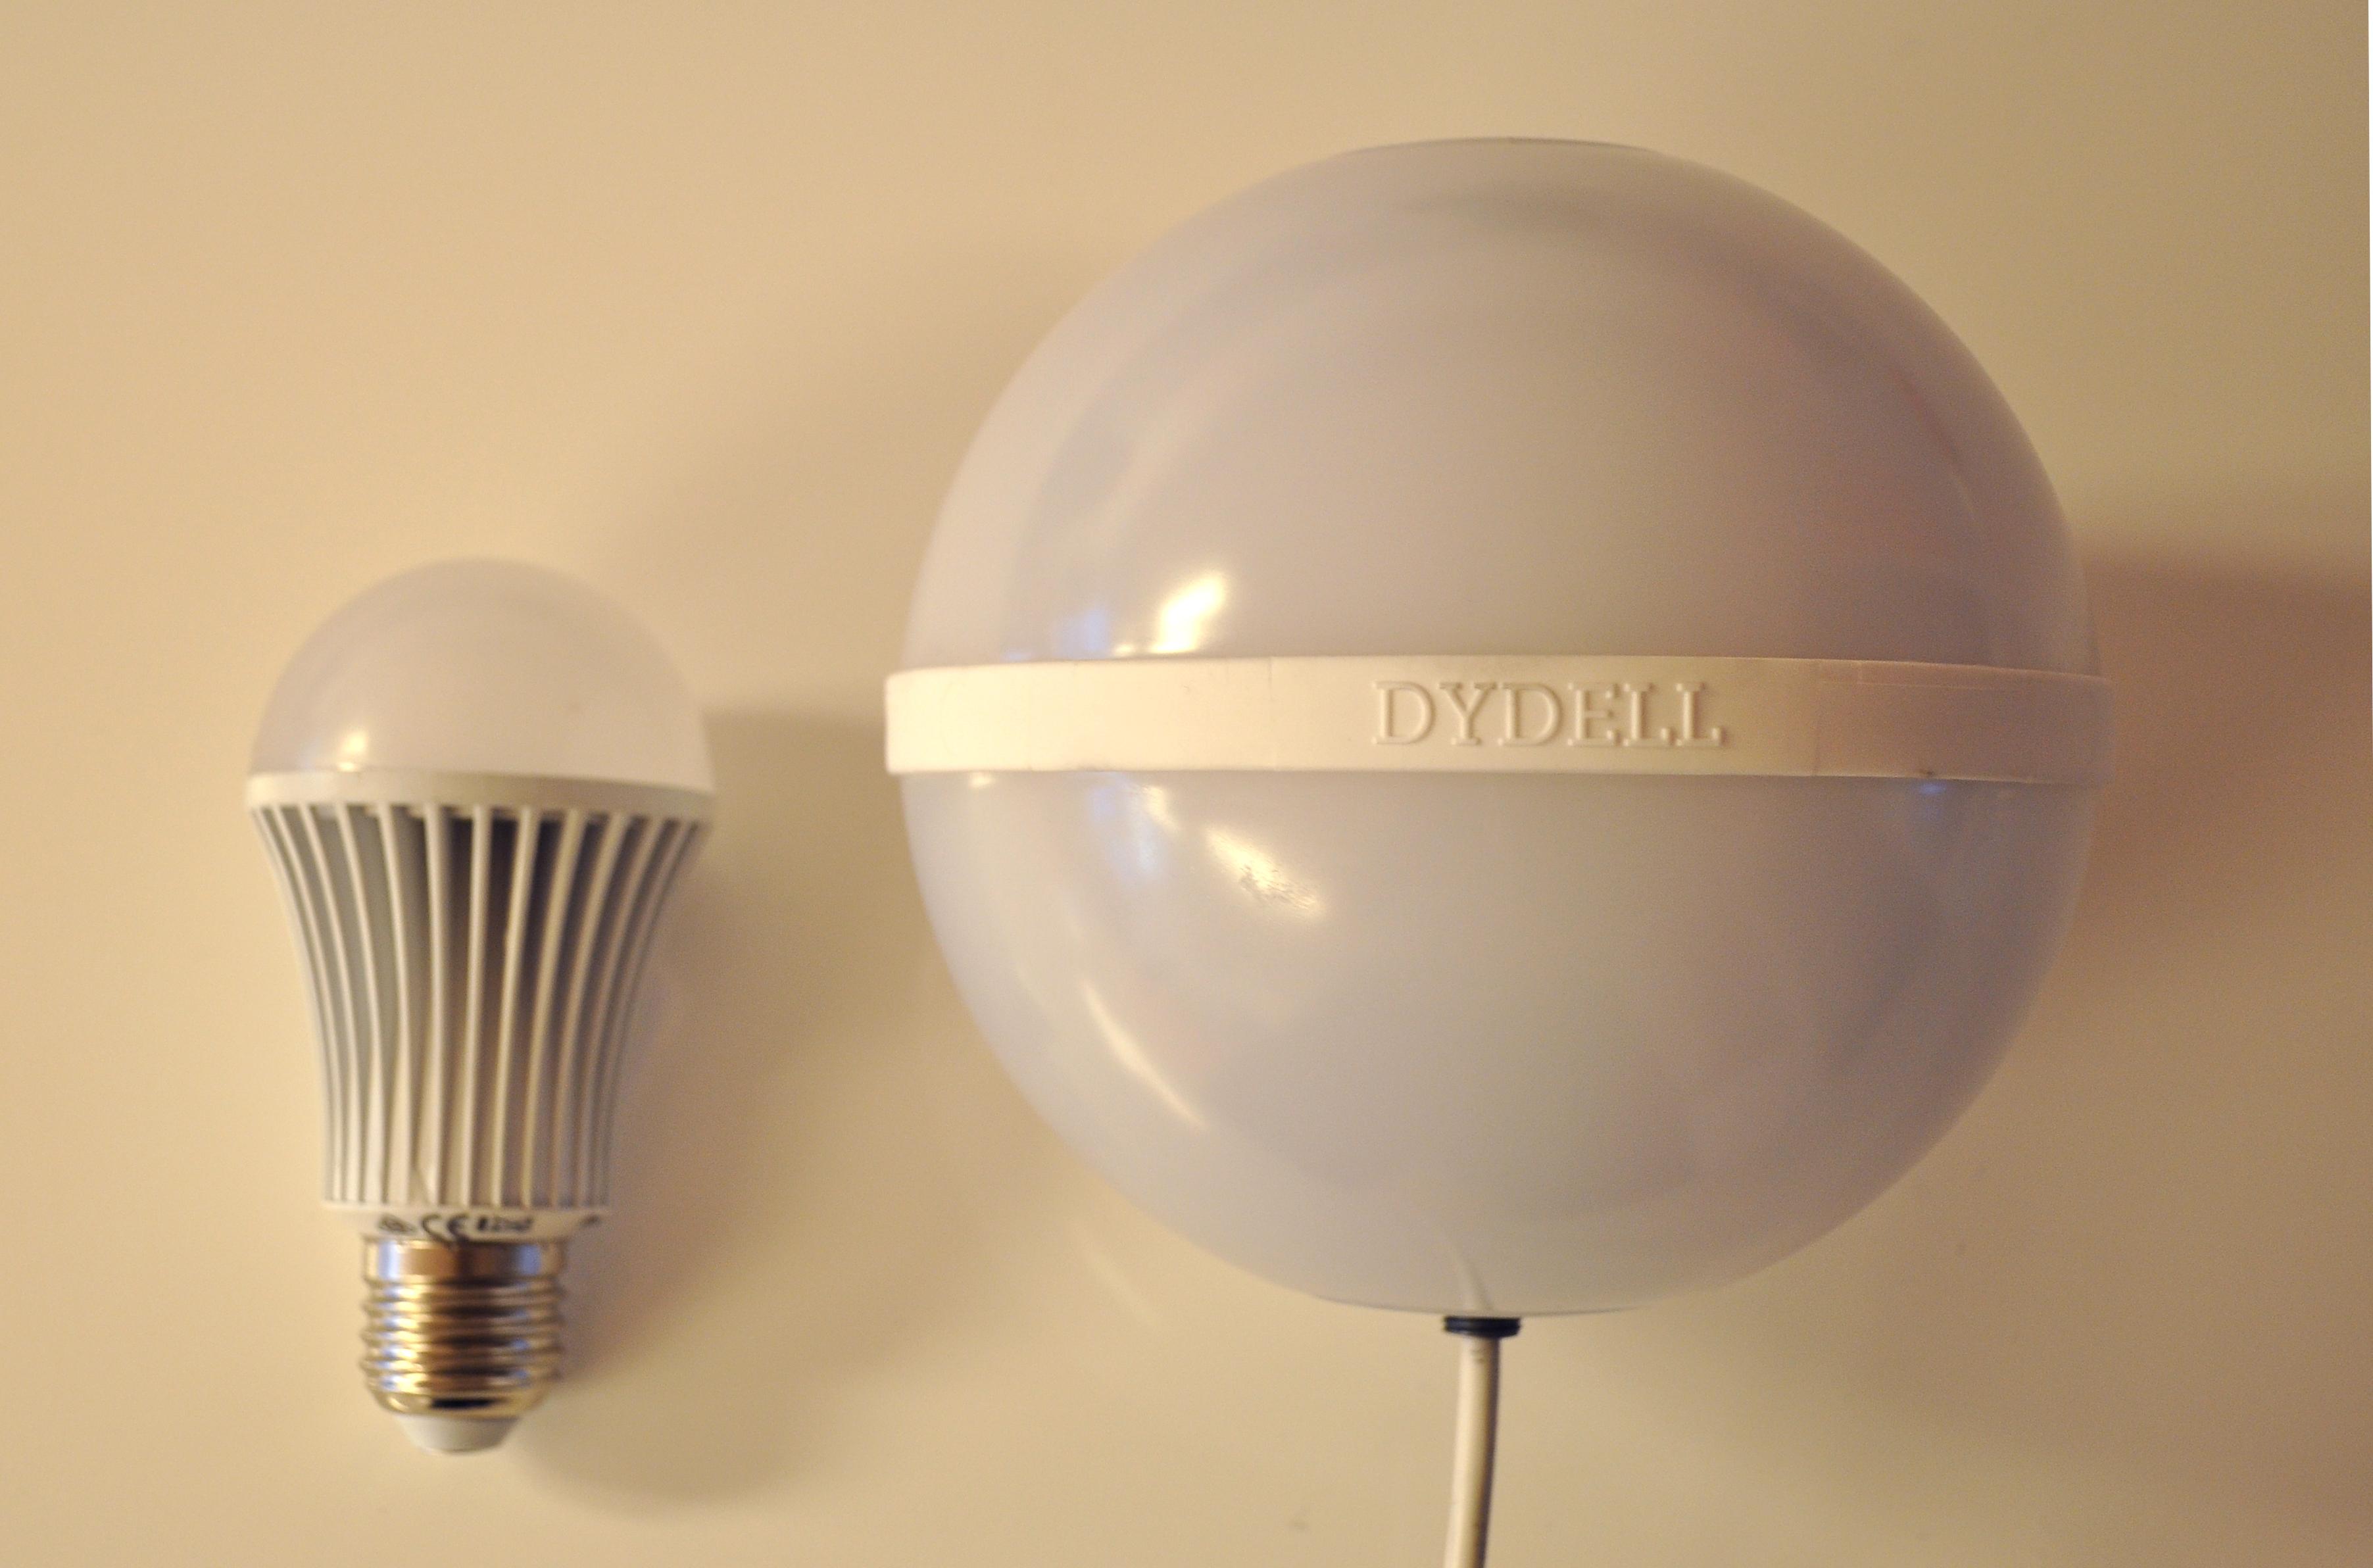 LED peren vergelijken